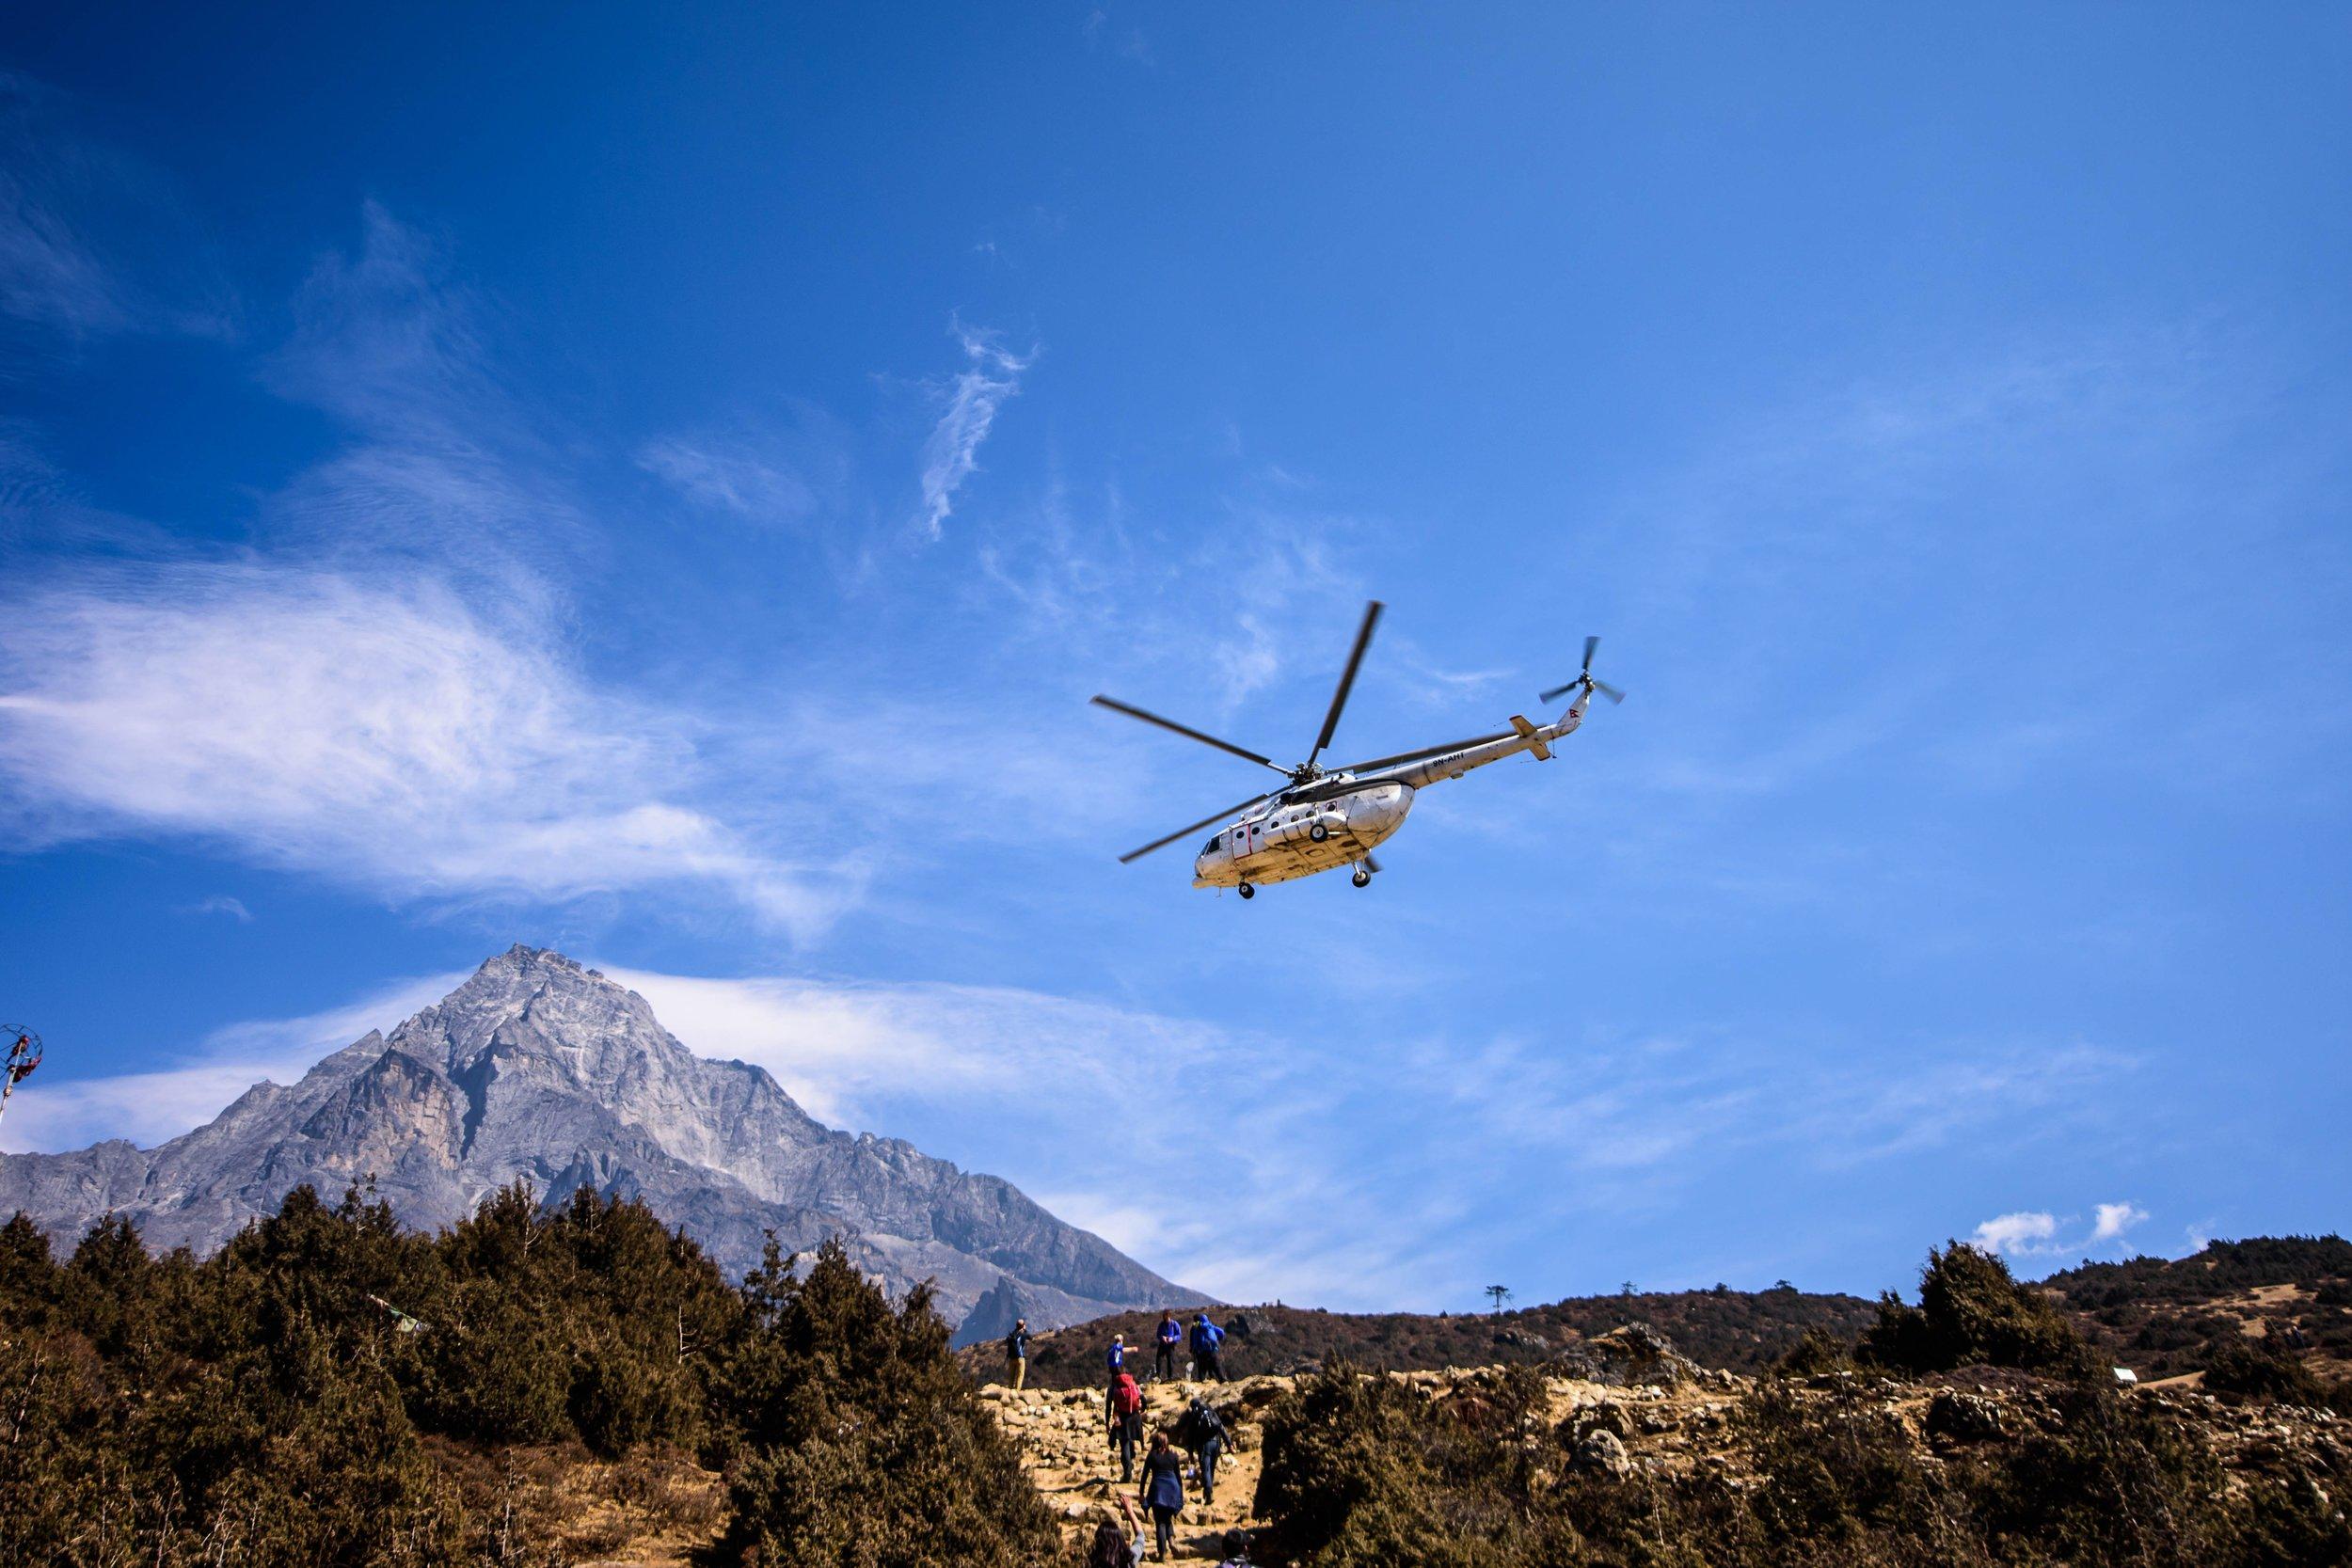 Mount Everest Heli.jpg